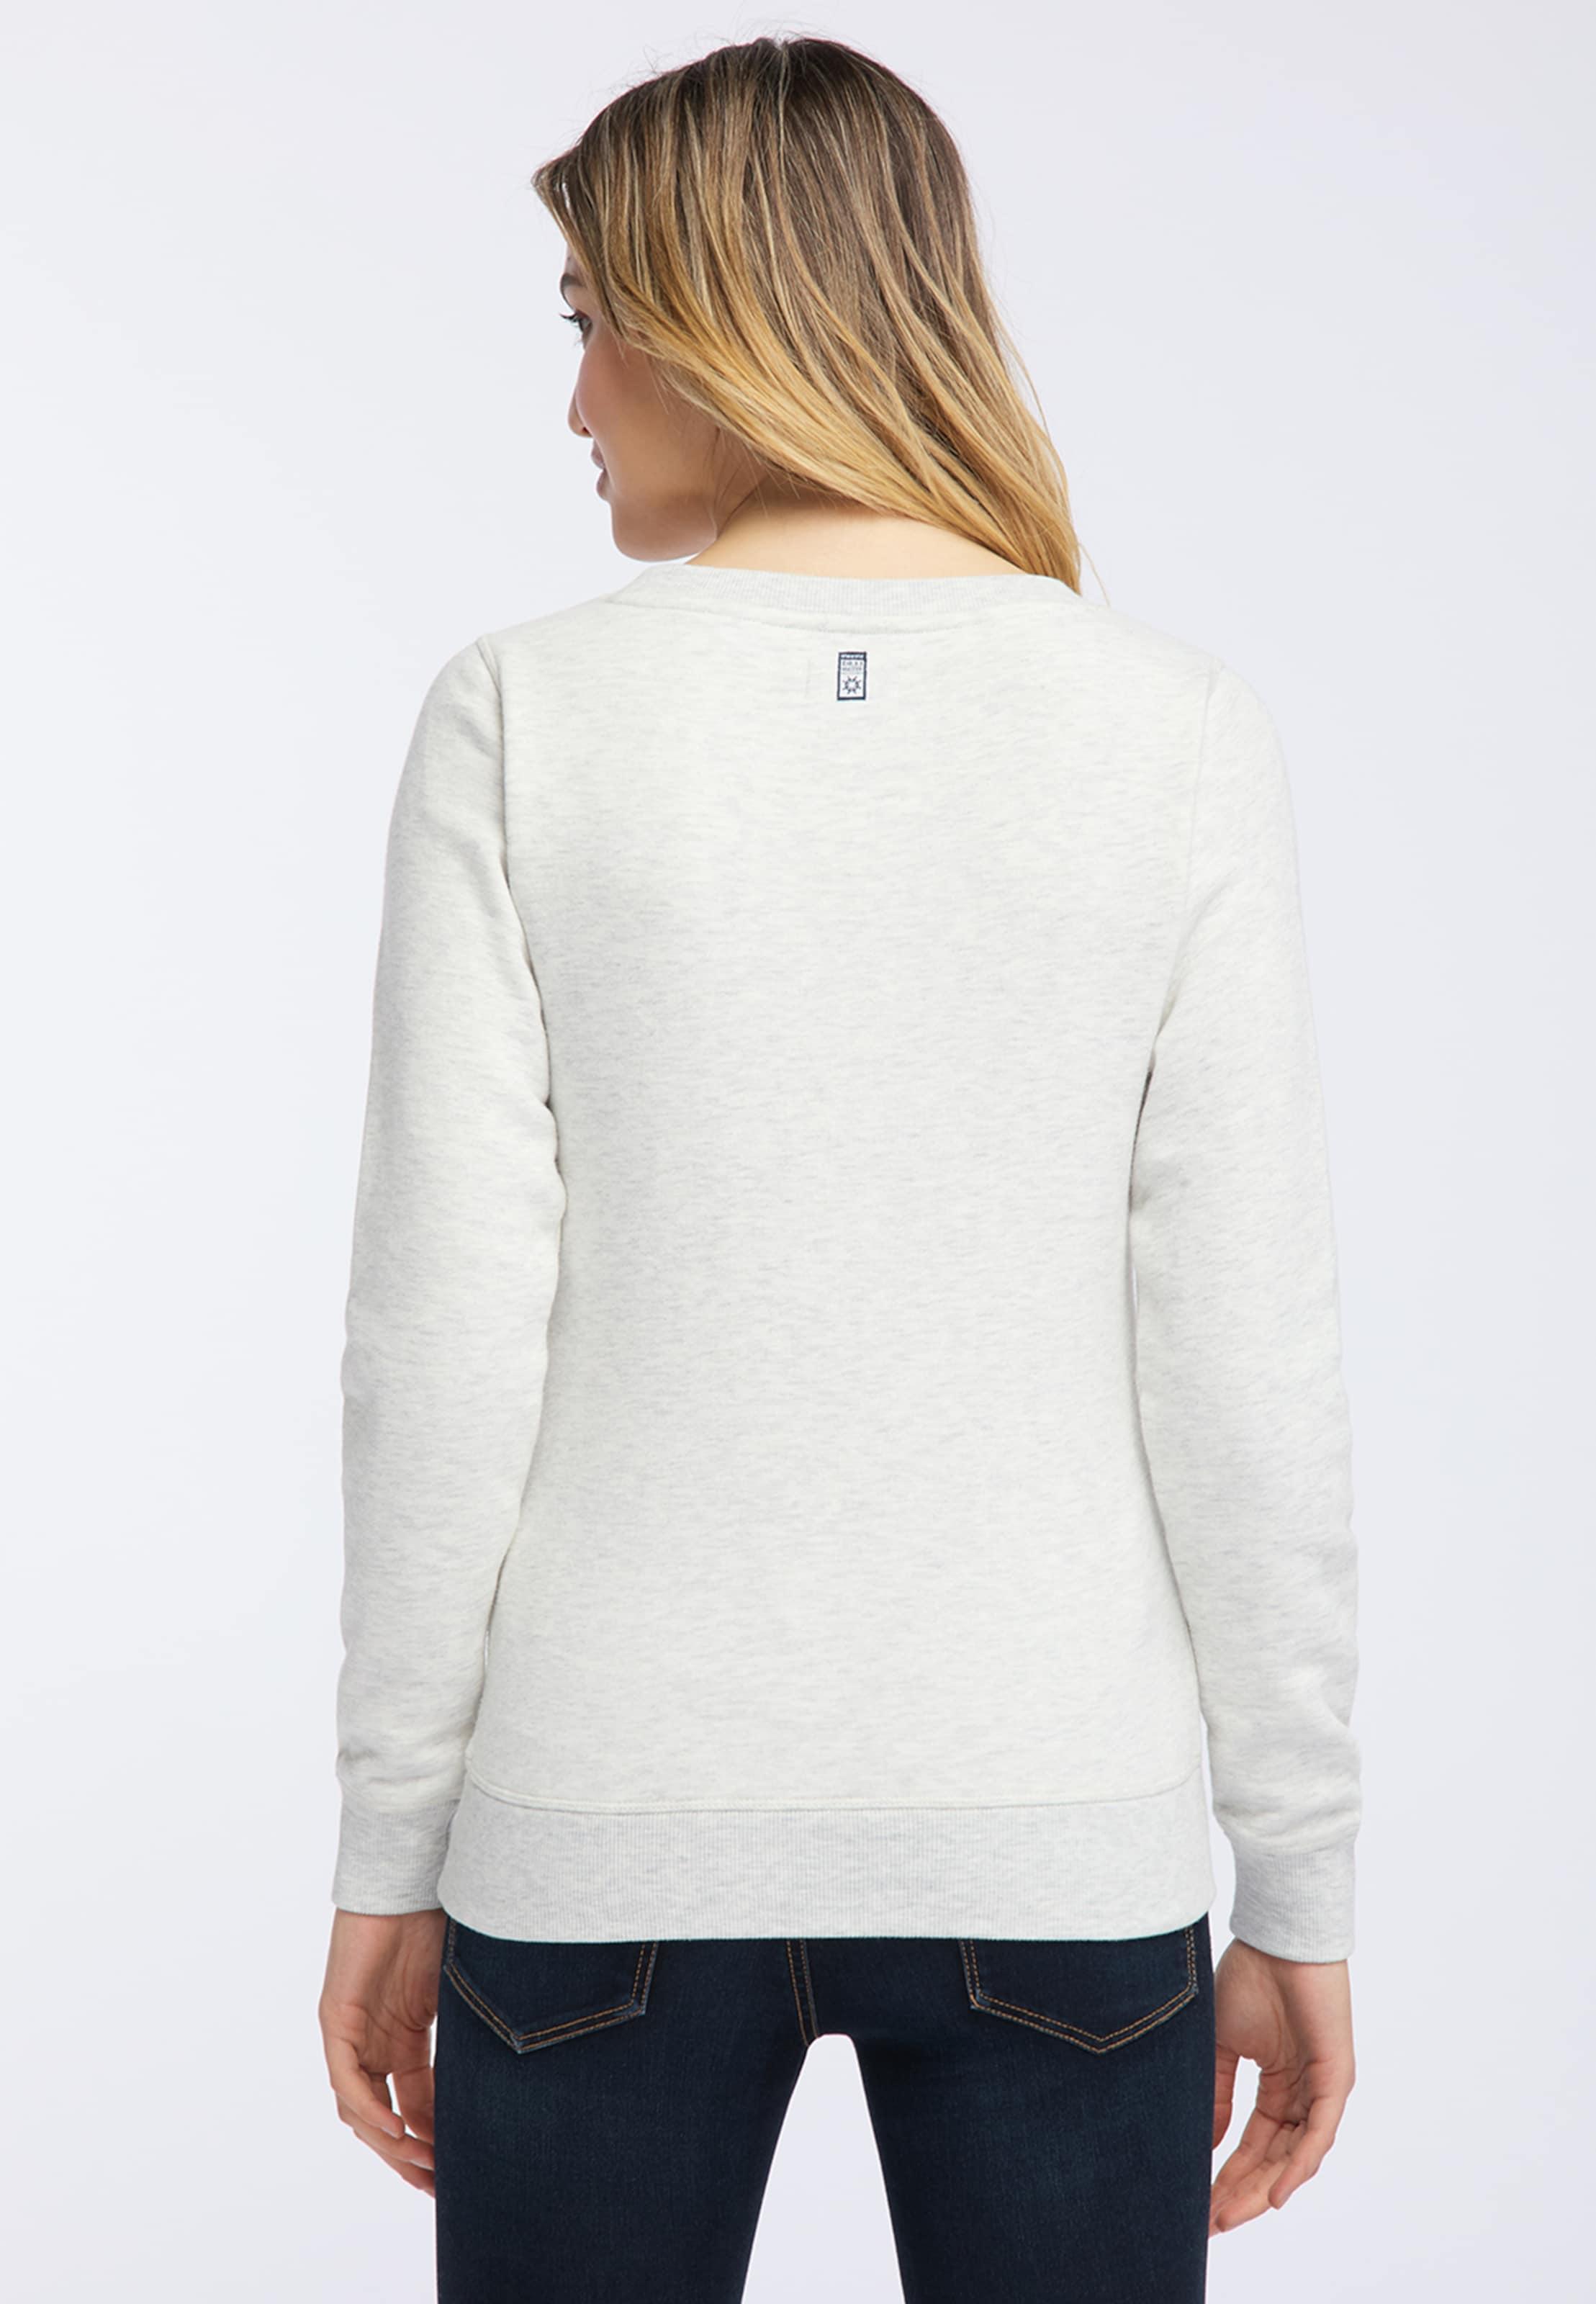 En shirt Blanc Dreimaster shirt shirt Sweat Sweat Dreimaster Dreimaster Sweat En Blanc BdtCxorshQ